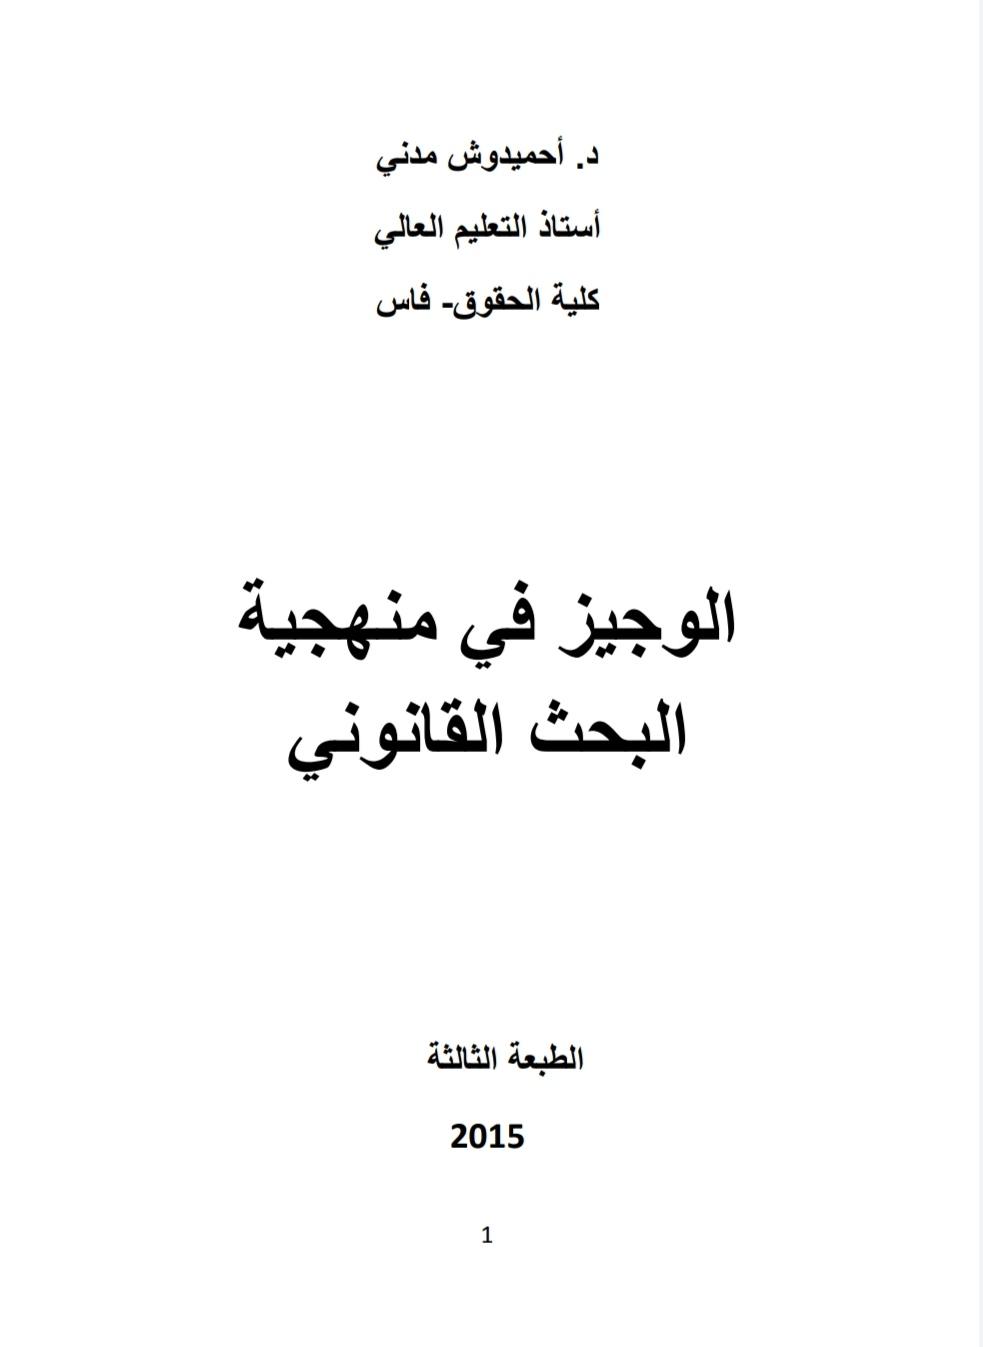 تحميل كتاب الوجيز في منهجية البحث القانوني Pdf